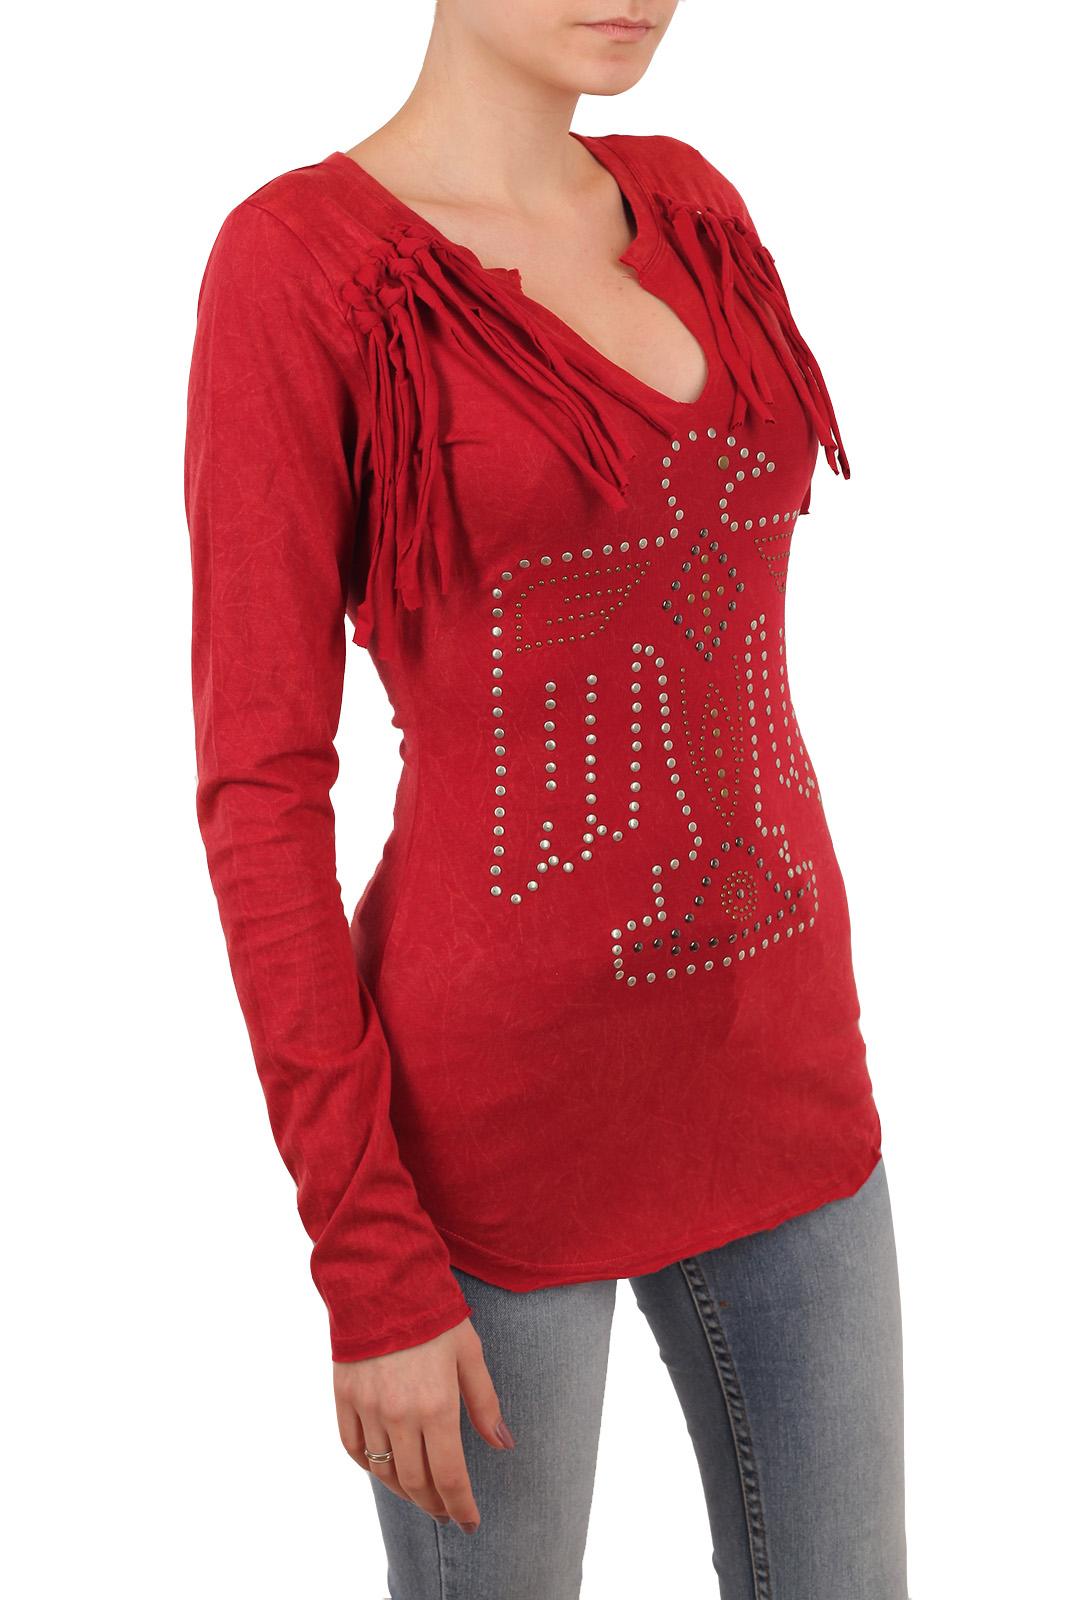 Ярко-красная туника Panhandle Slim в лучших традициях Рустик-Стиль. Эффектная имитация эполет и символичная аппликация